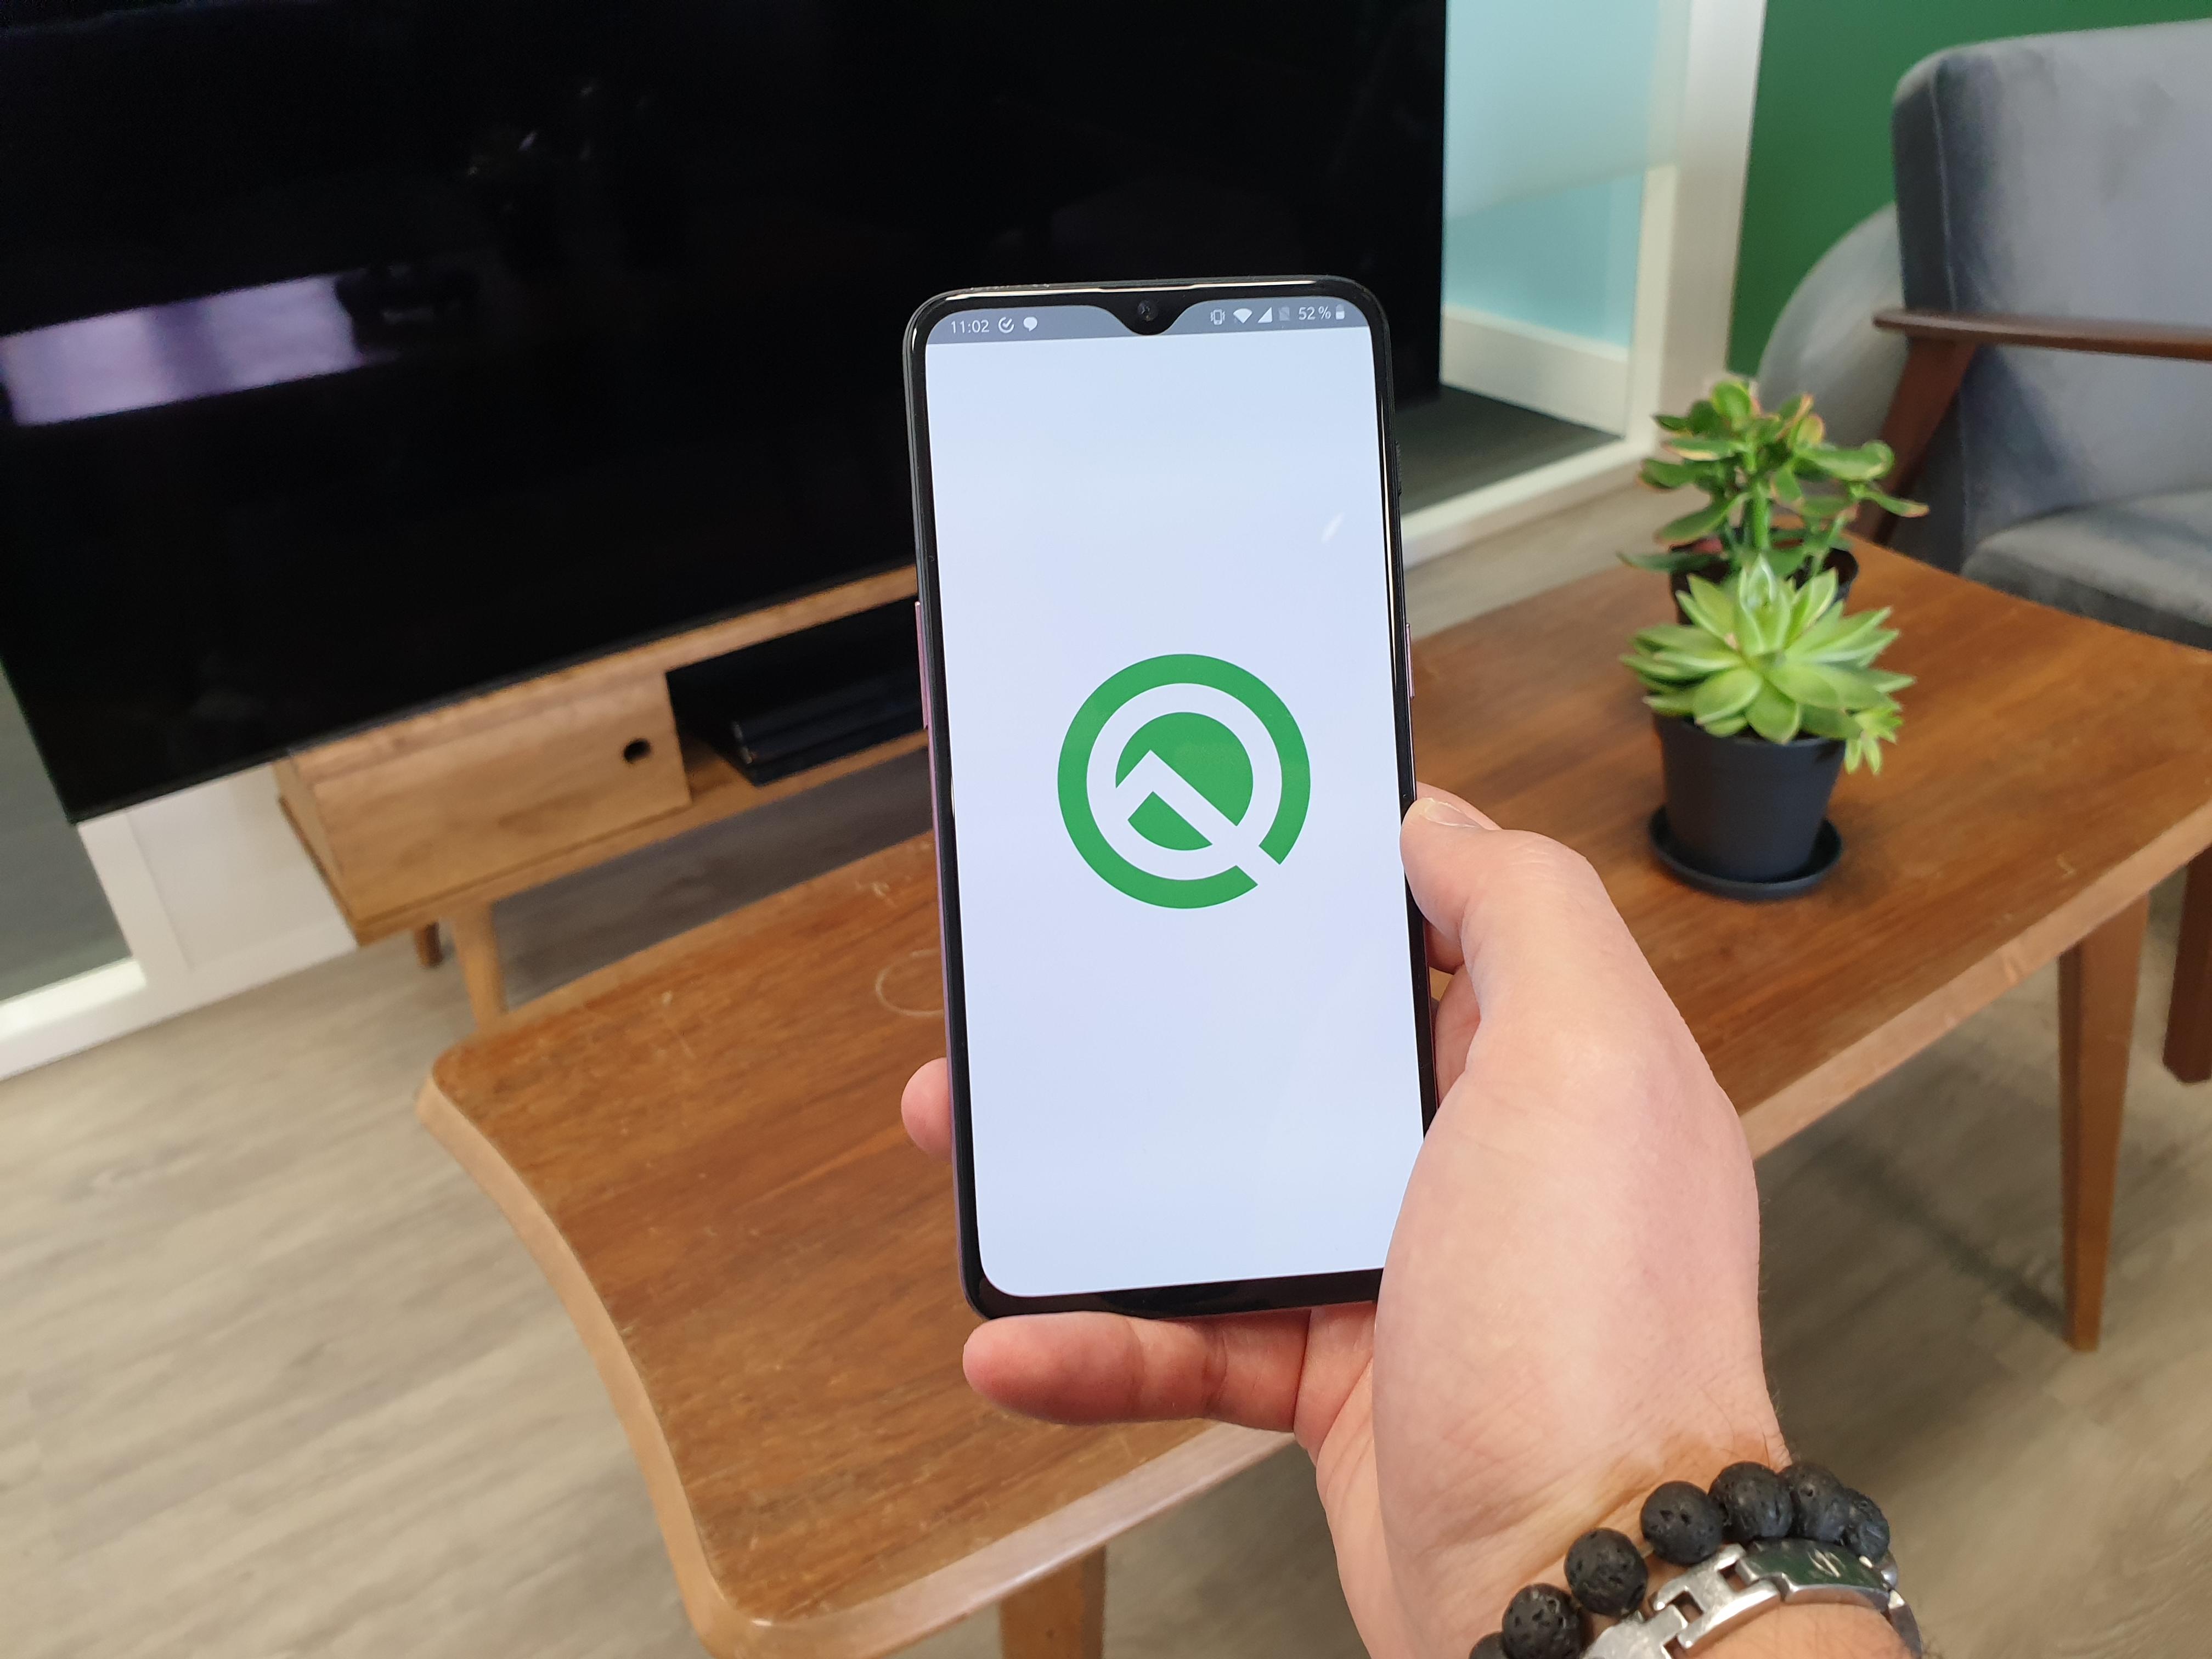 d314793602d36 Deux semaines seulement après le lancement de la bêta d'Android 10 Q,  Google a déployé une seconde version. Cette mise à jour apporte notamment  une nouvelle ...